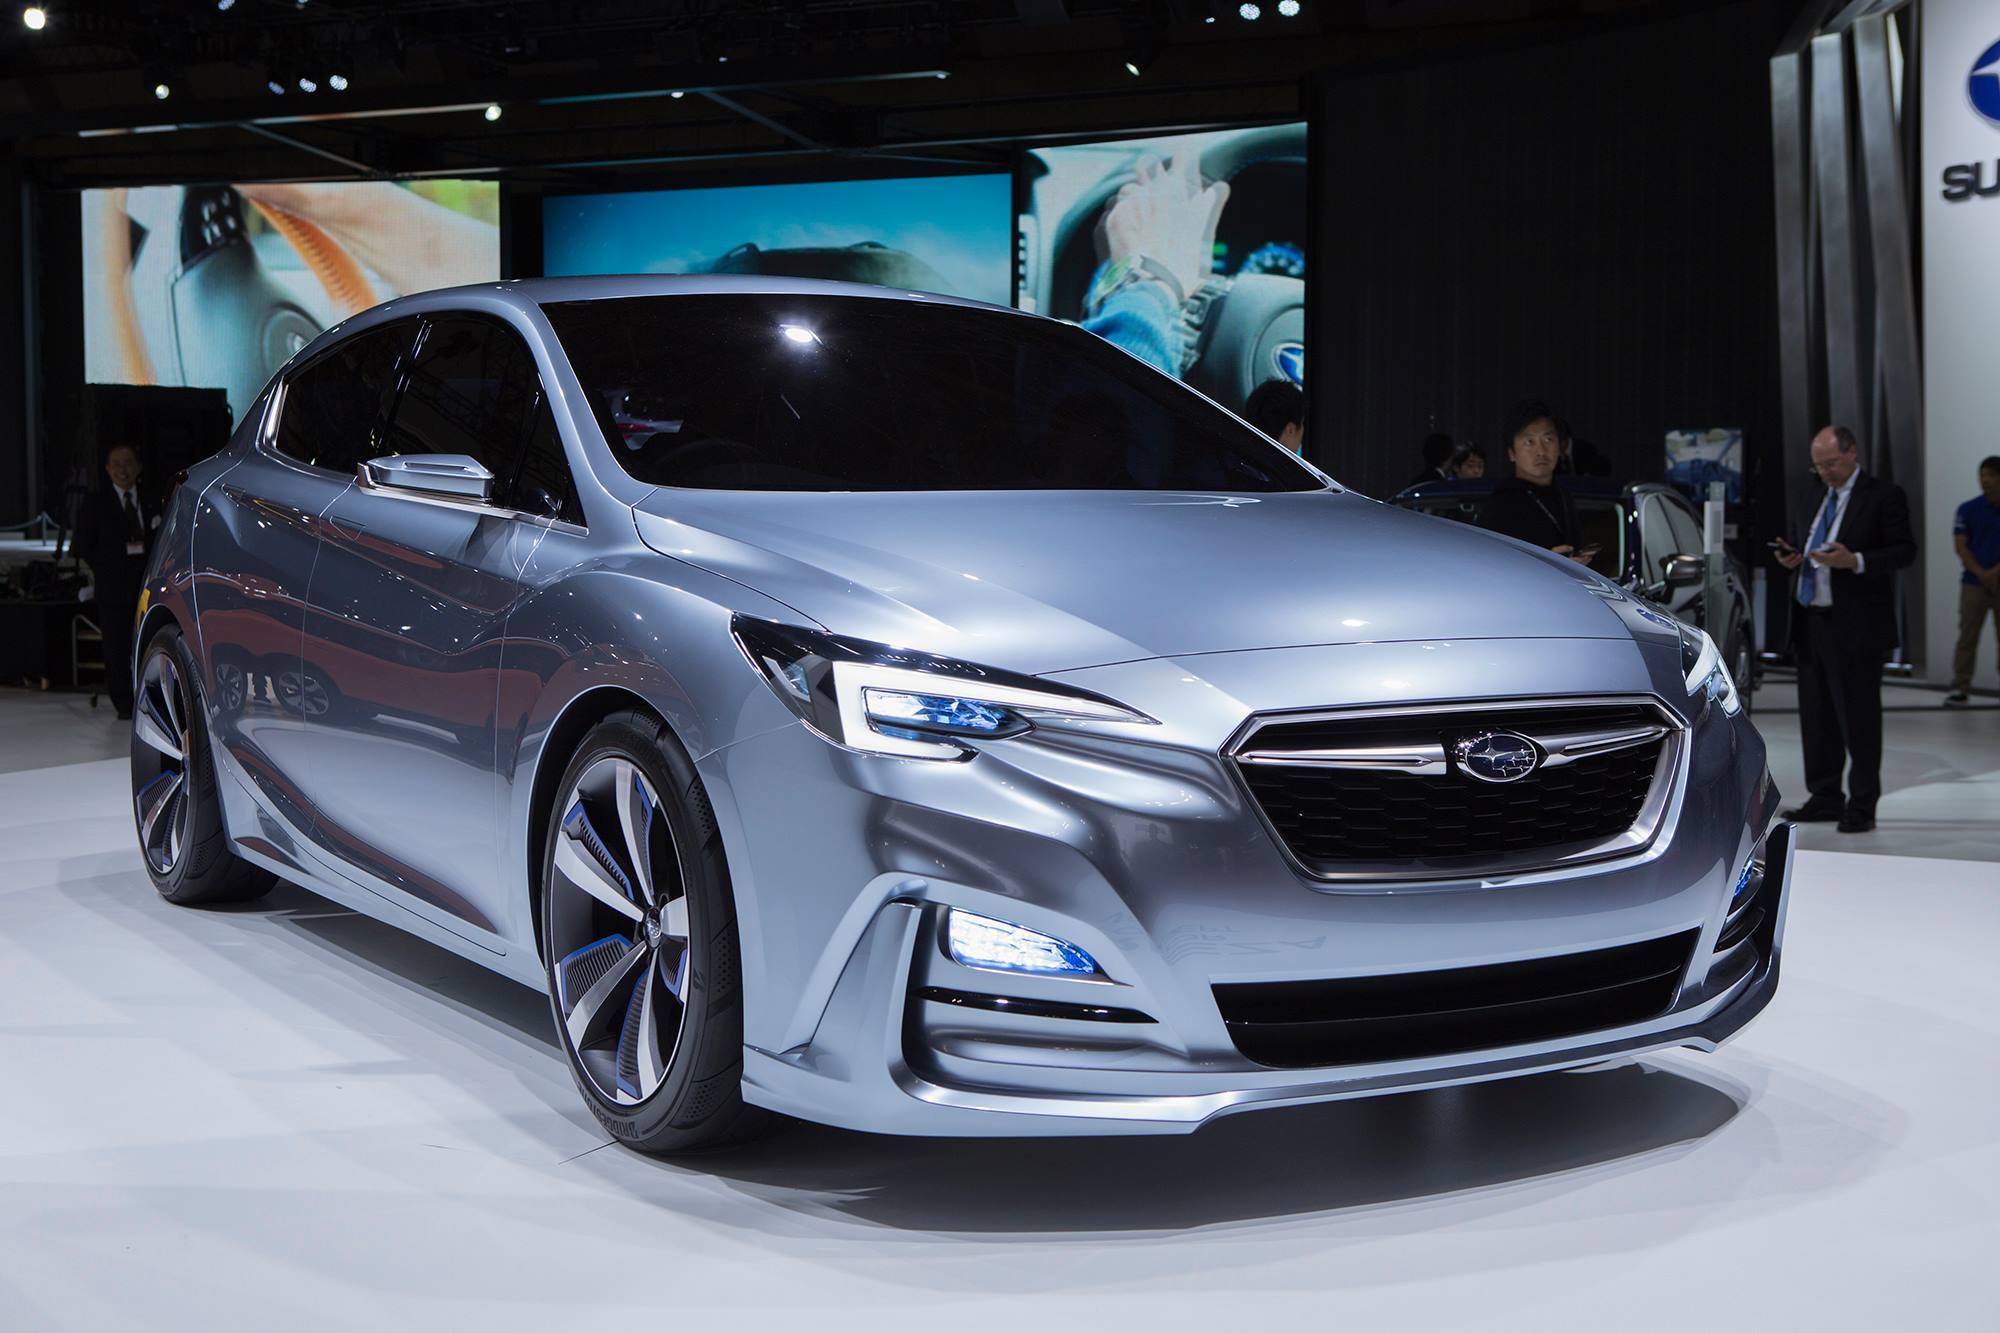 Subaru Previews 2017 Impreza with 5 Door Concept in Tokyo